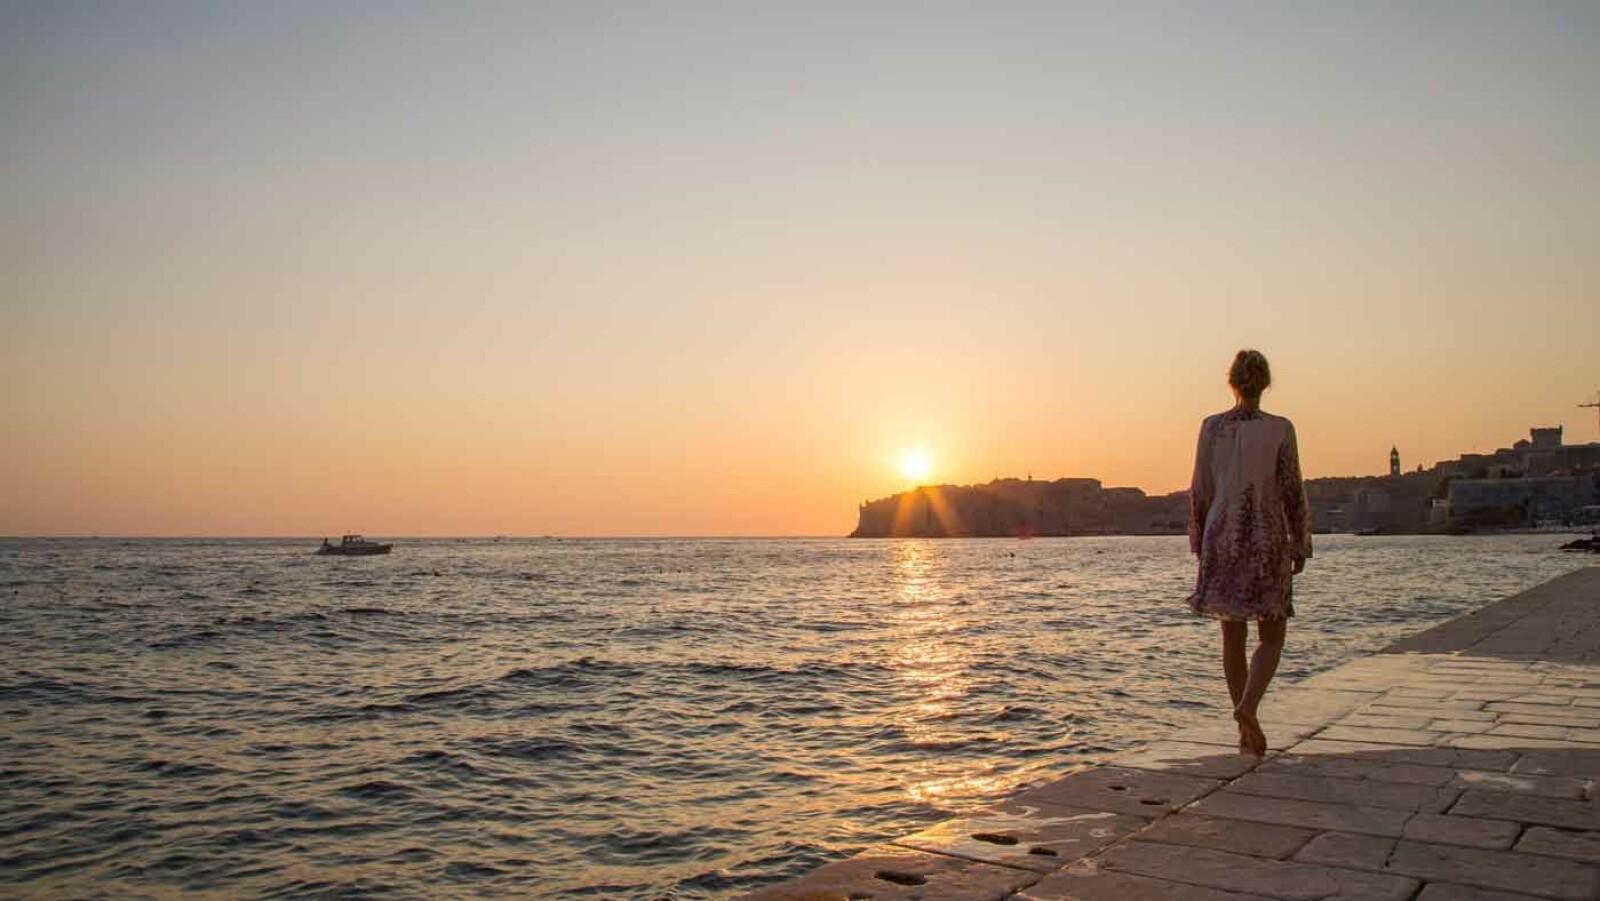 FULLSTENDIG SJARMERT: Vi ble helt betatt av gamlebyen i Dubrovnik, og det var vi ikke alene om. Ikke minst når mørket senker seg over borgen og du har rukket et siste bad før solen går ned. Foto: Siv-Elin Nærø